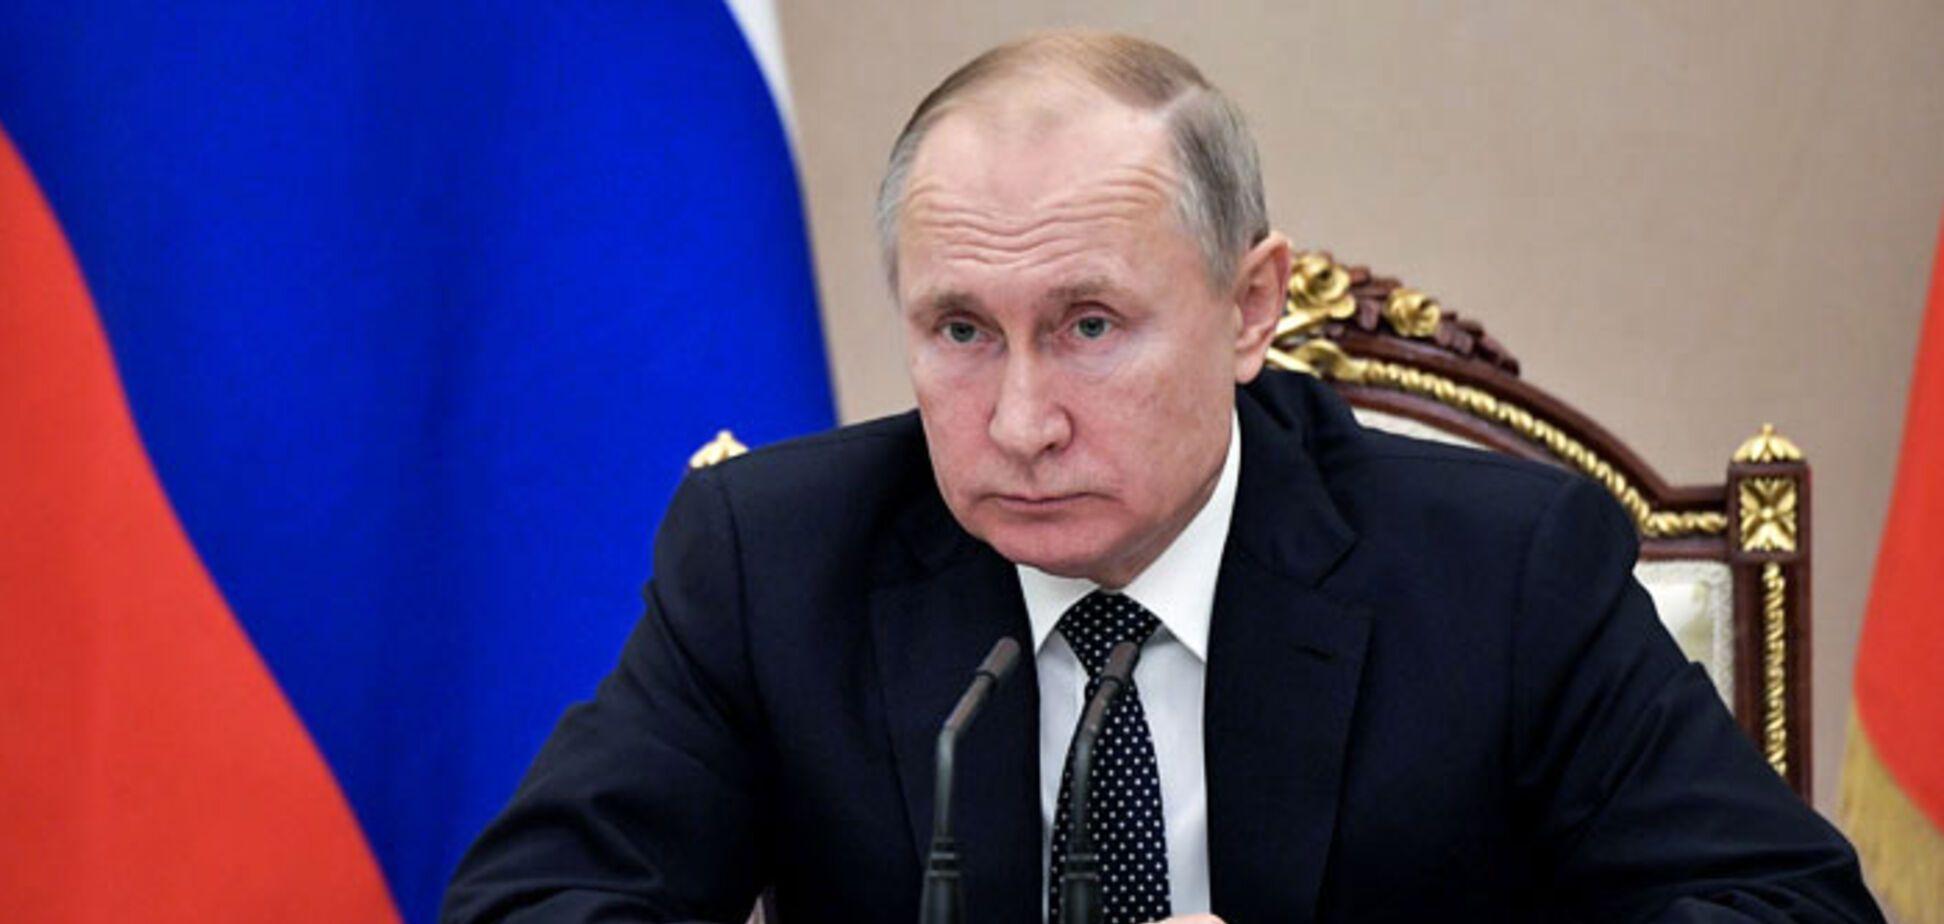 Кремль бессильно наблюдает за катастрофой